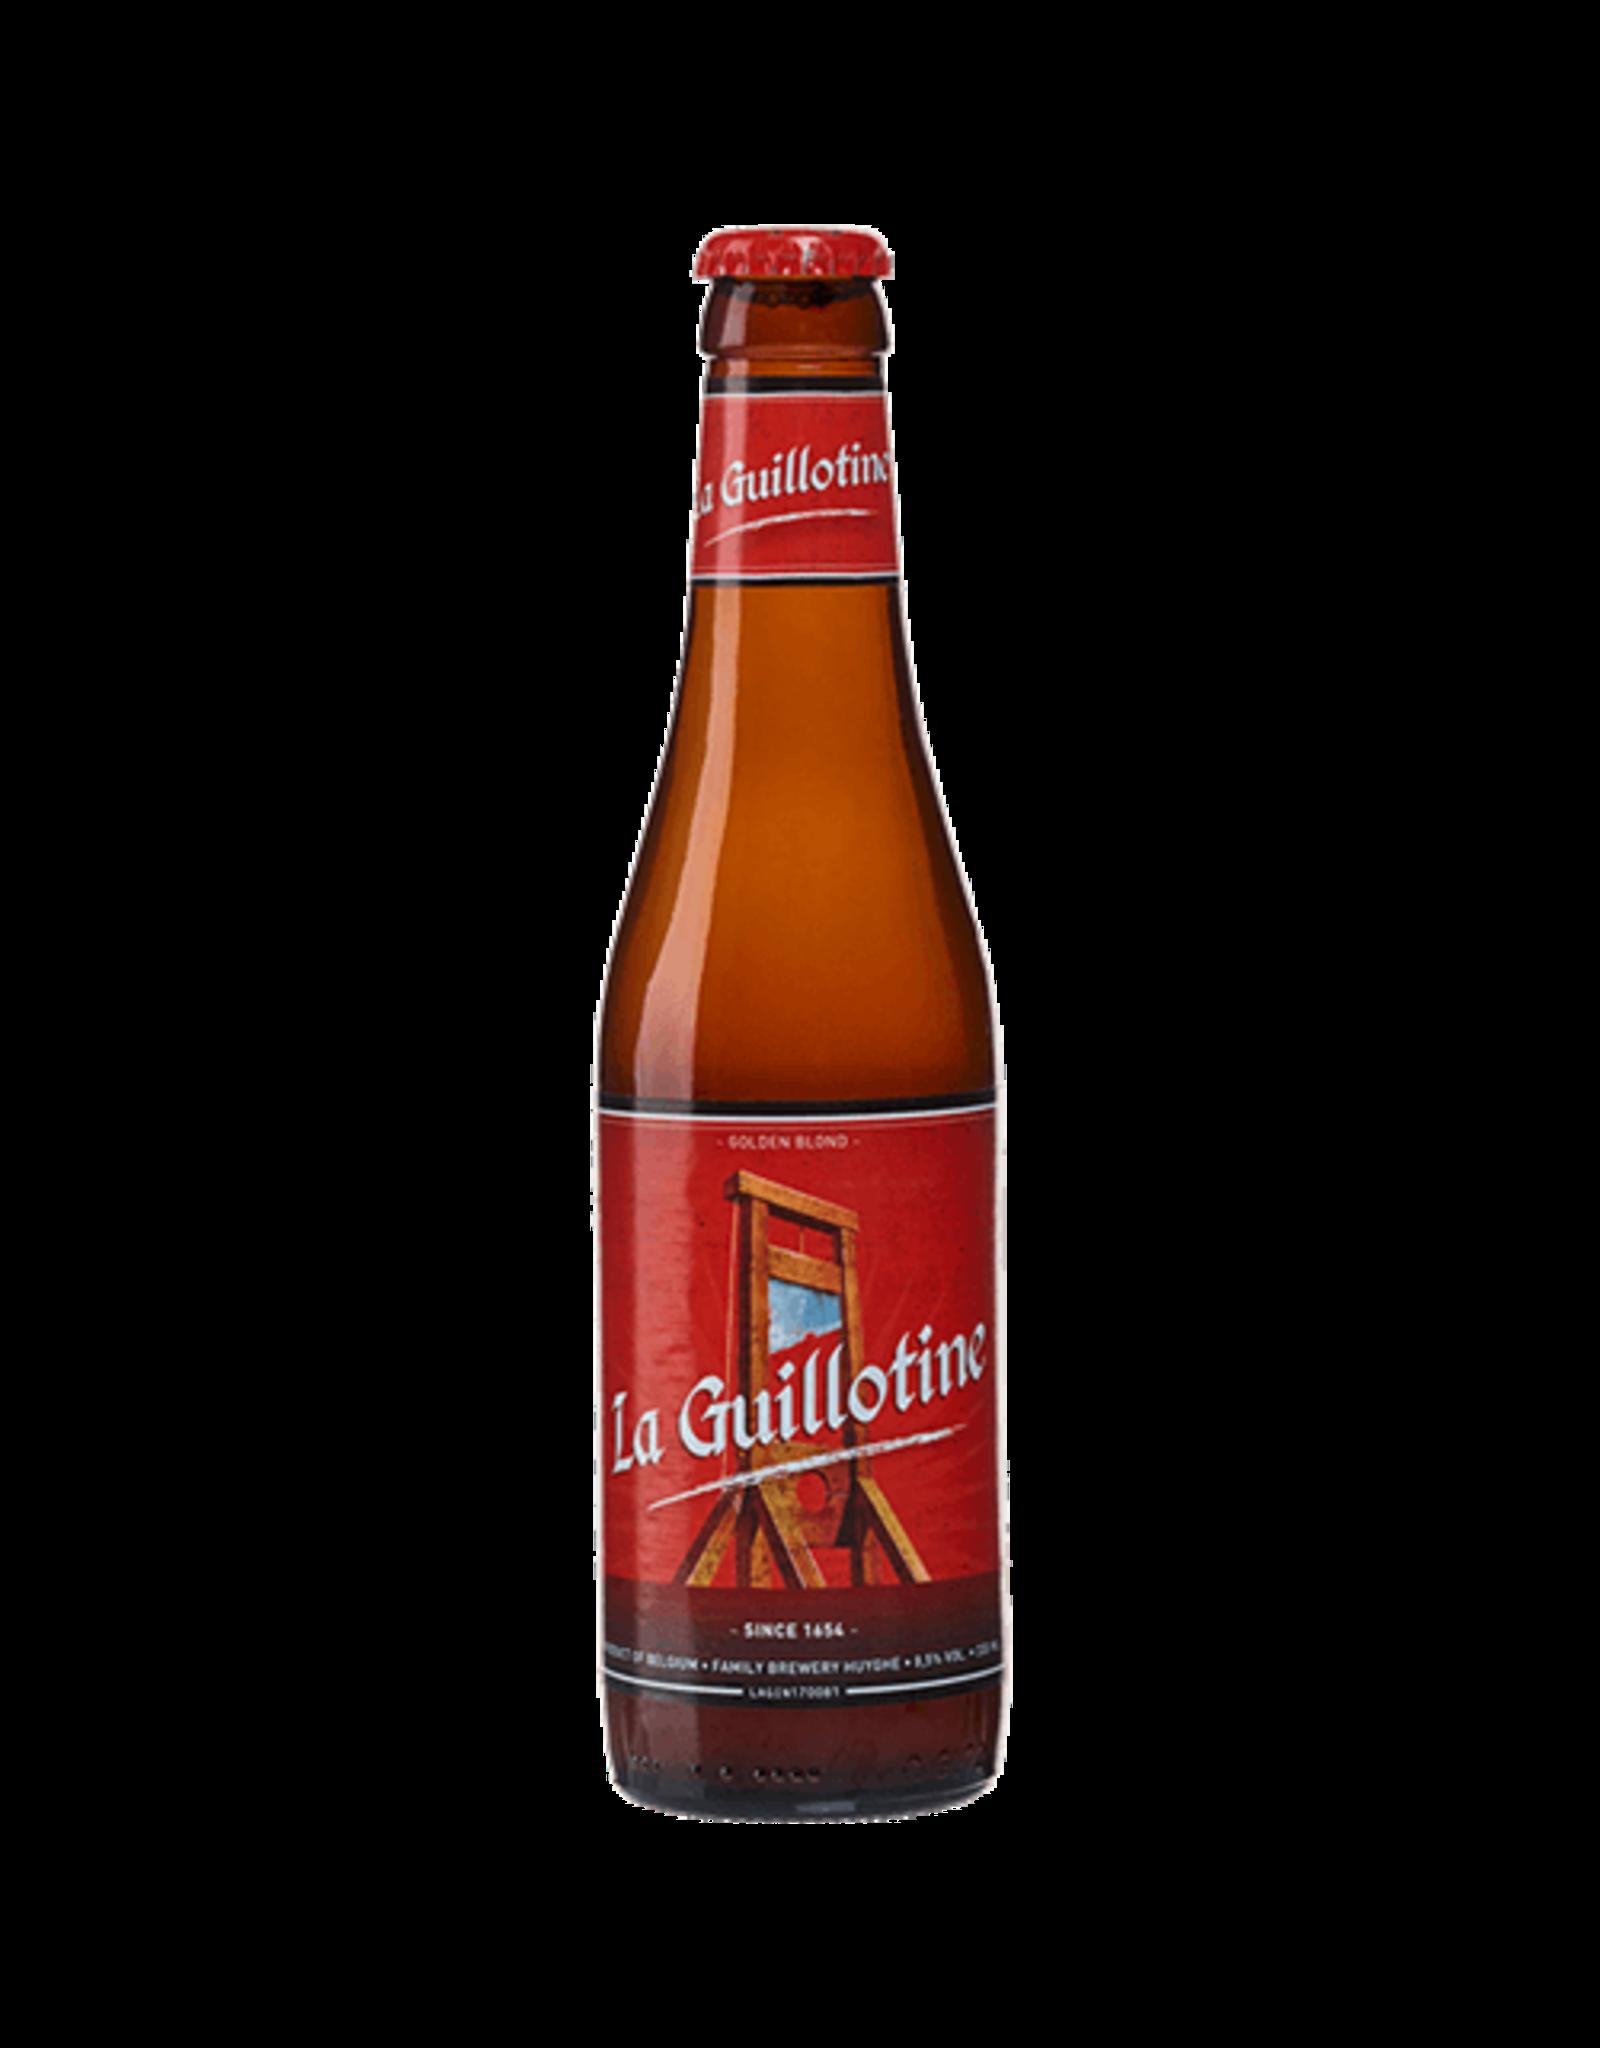 La Guillotine La Guillotine 33cl